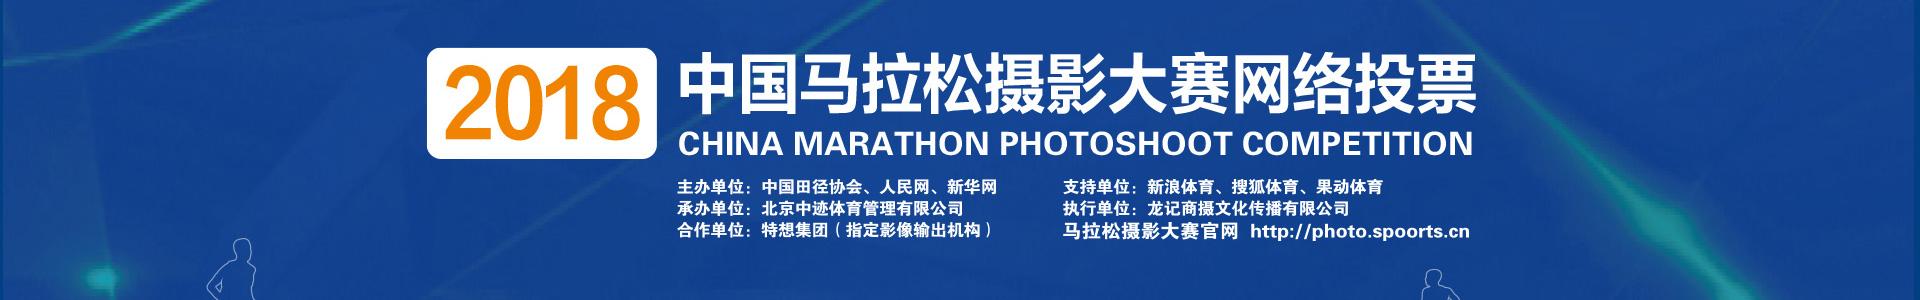 第二届马拉松摄影大赛网络投票即日开启